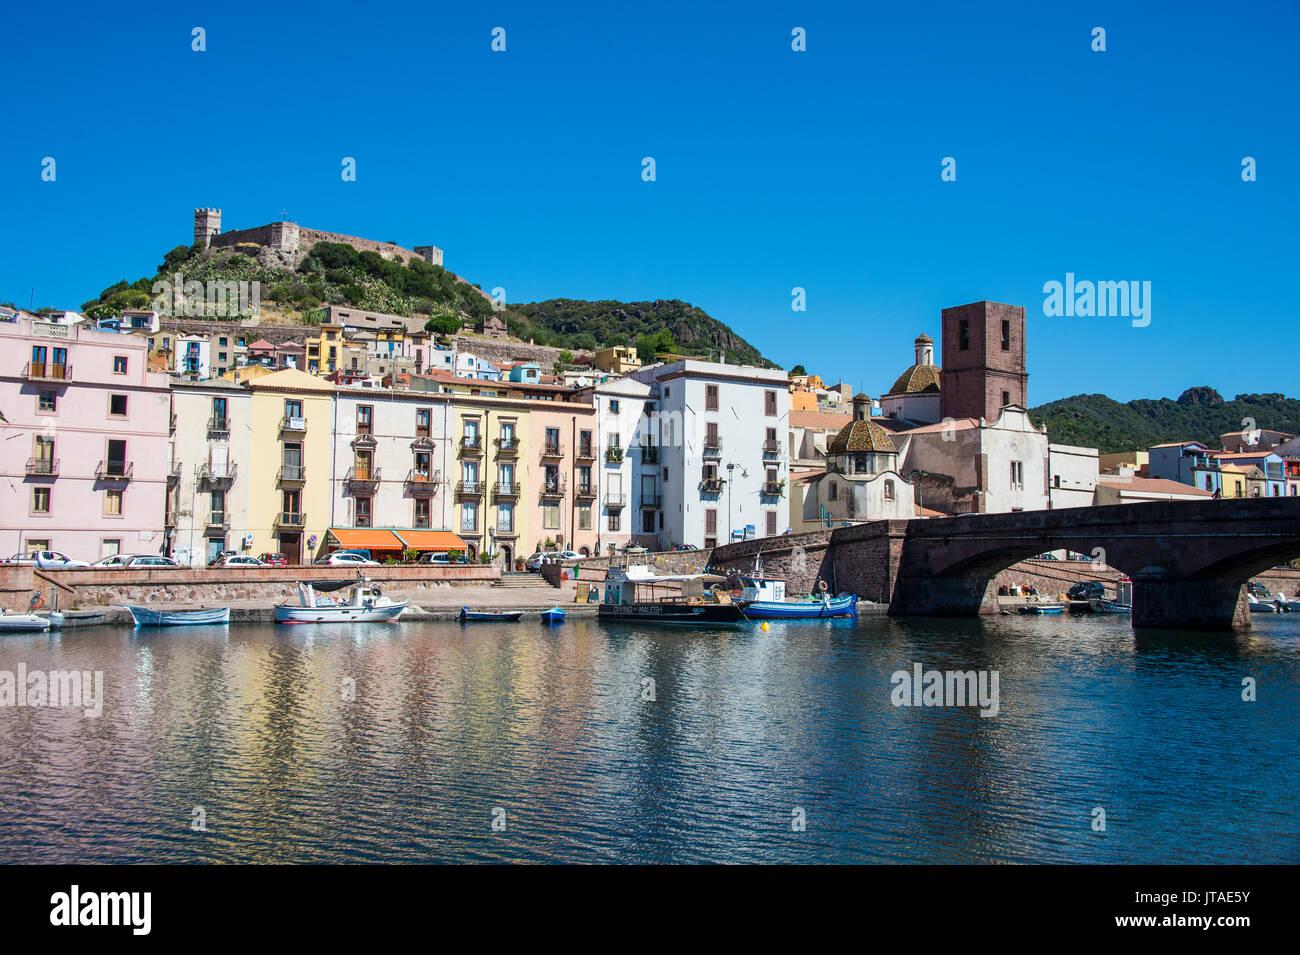 La localidad de Bosa en el río Temo, Cerdeña, Italia, Europa Imagen De Stock